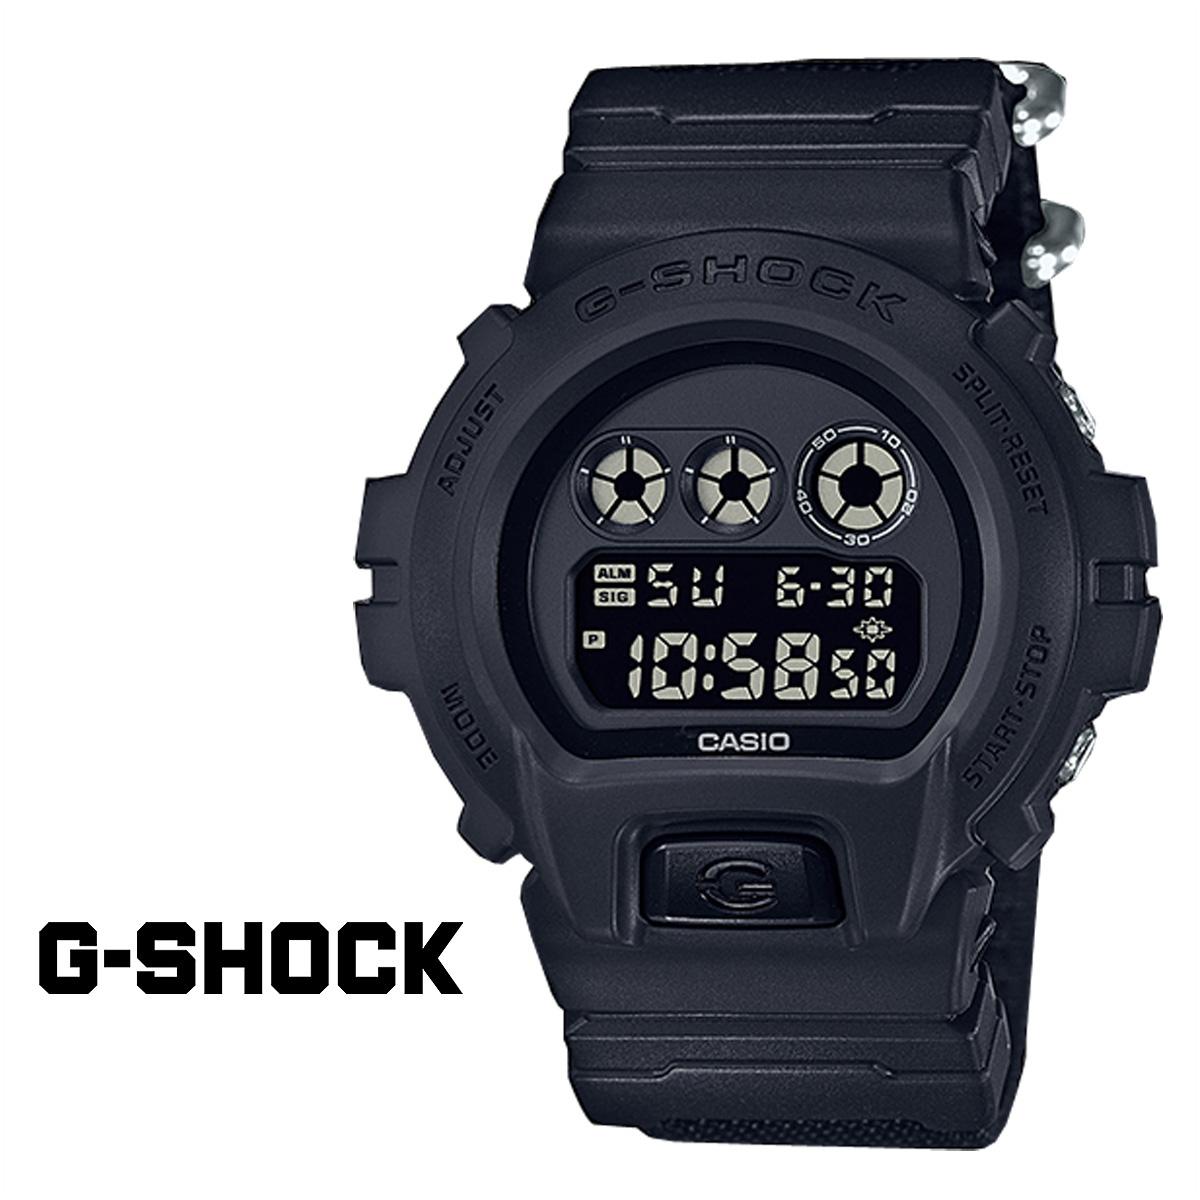 カシオ CASIO G-SHOCK 腕時計 ブラック DW-6900BBN-1JF 6900 ジーショック Gショック G-ショック メンズ